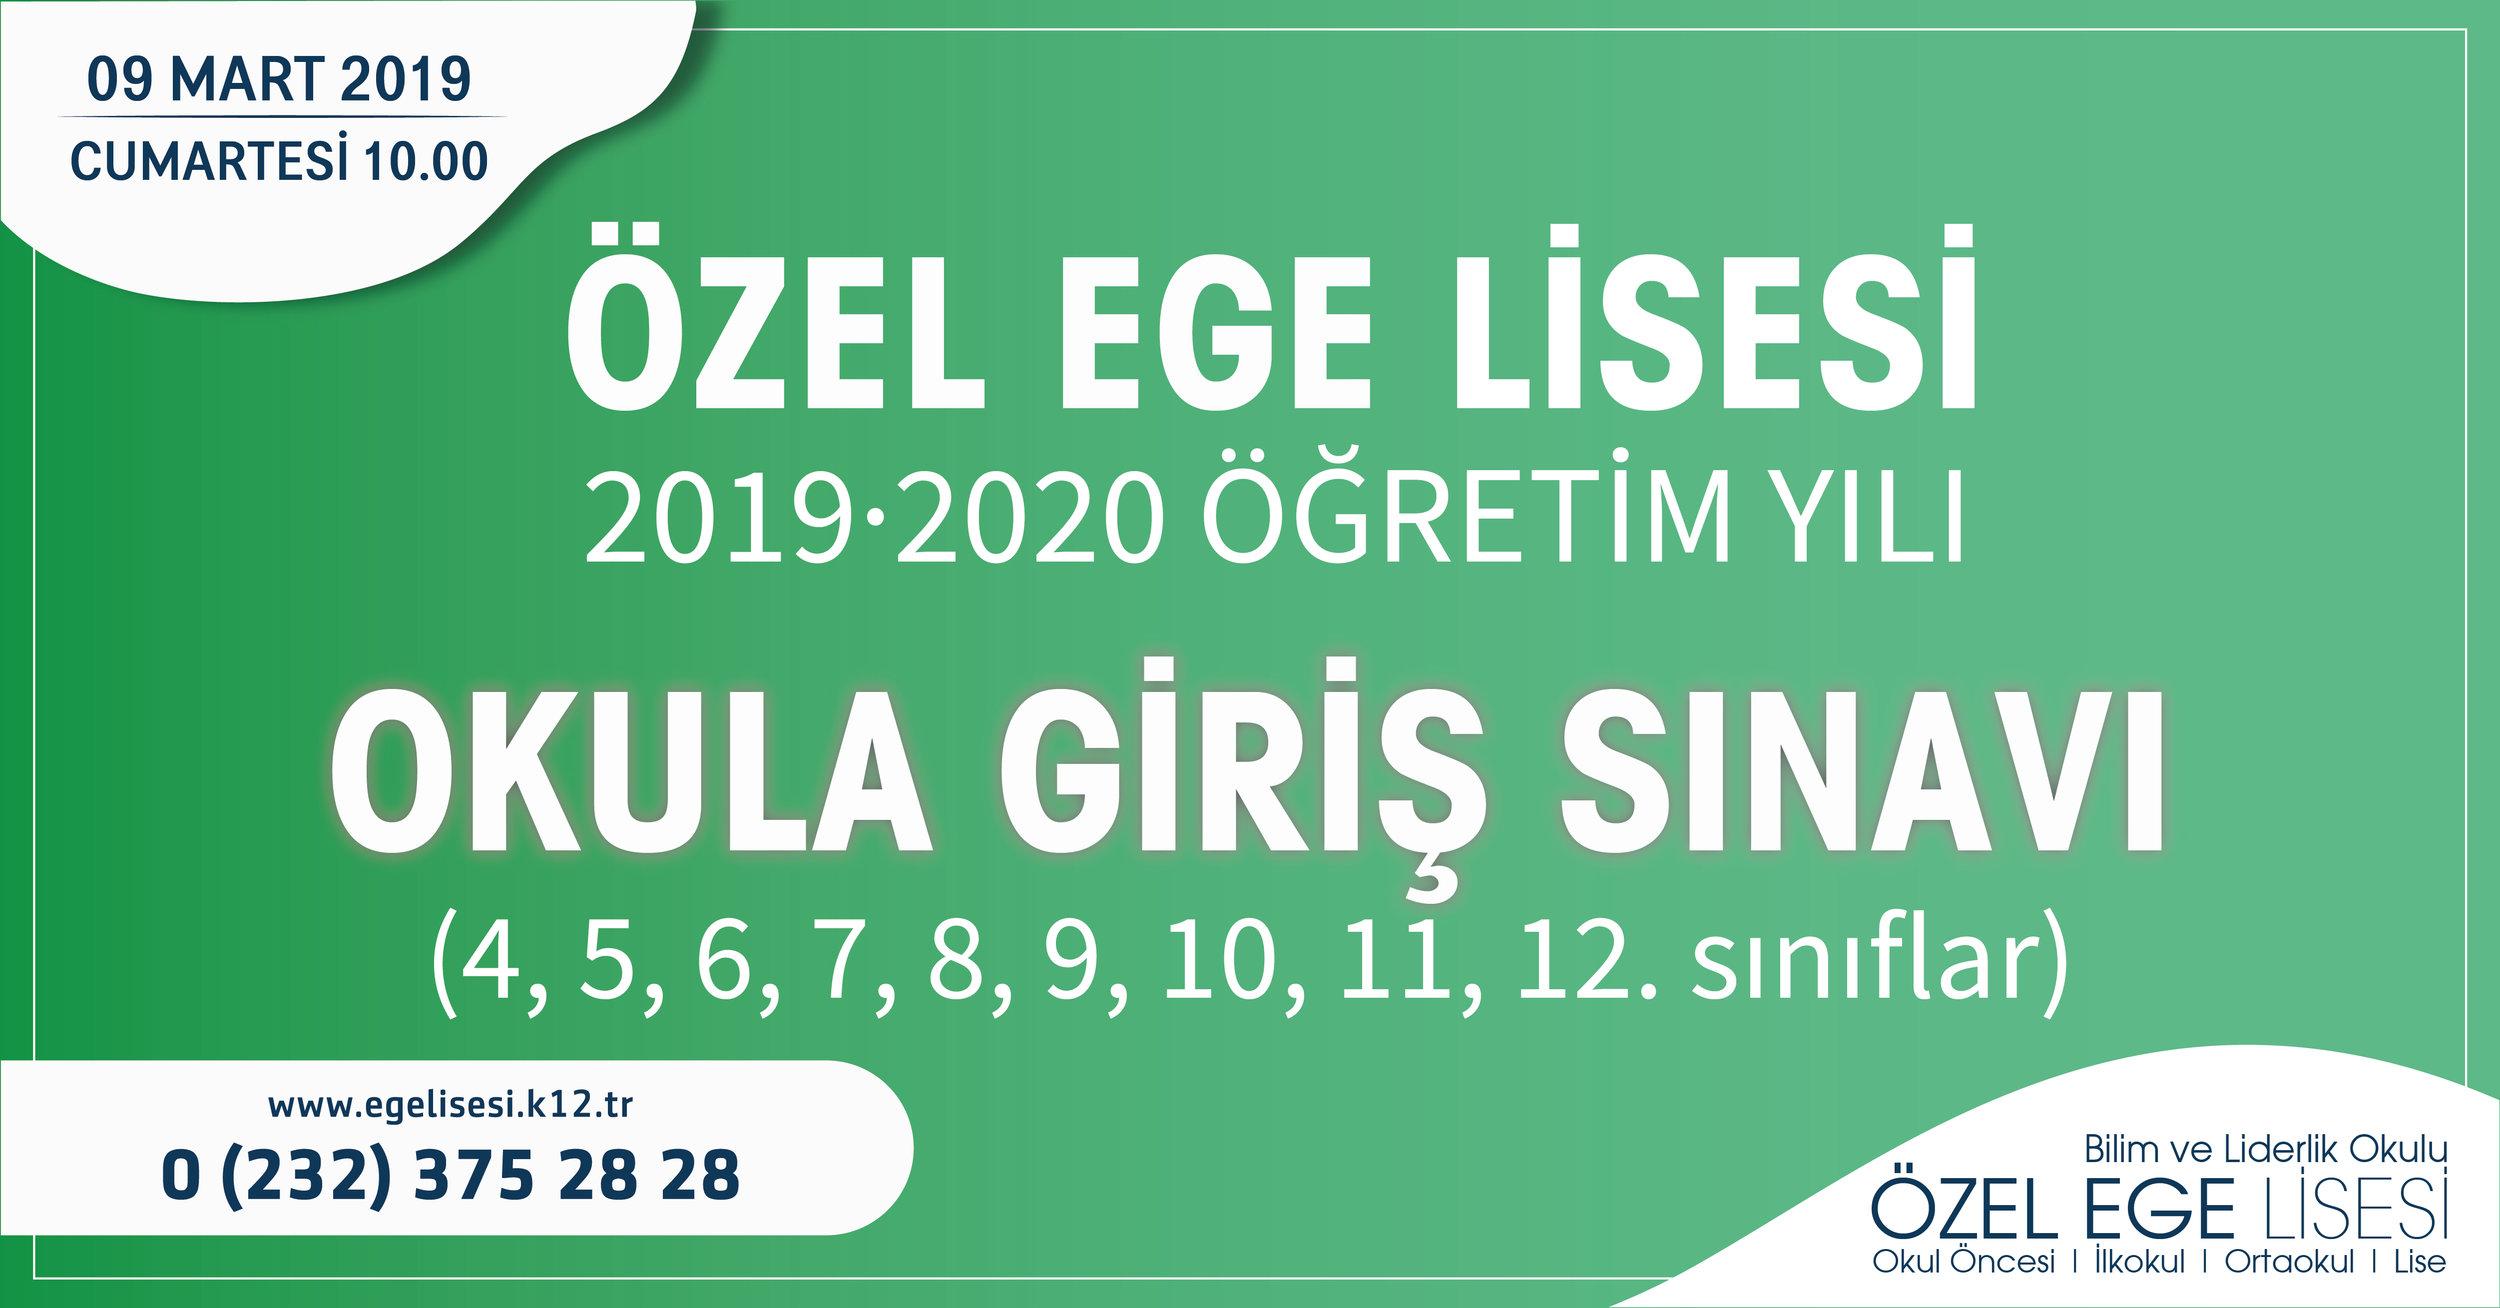 2019-2020 Yılı Okula Giriş Sınavı Banner (1200x627).jpg